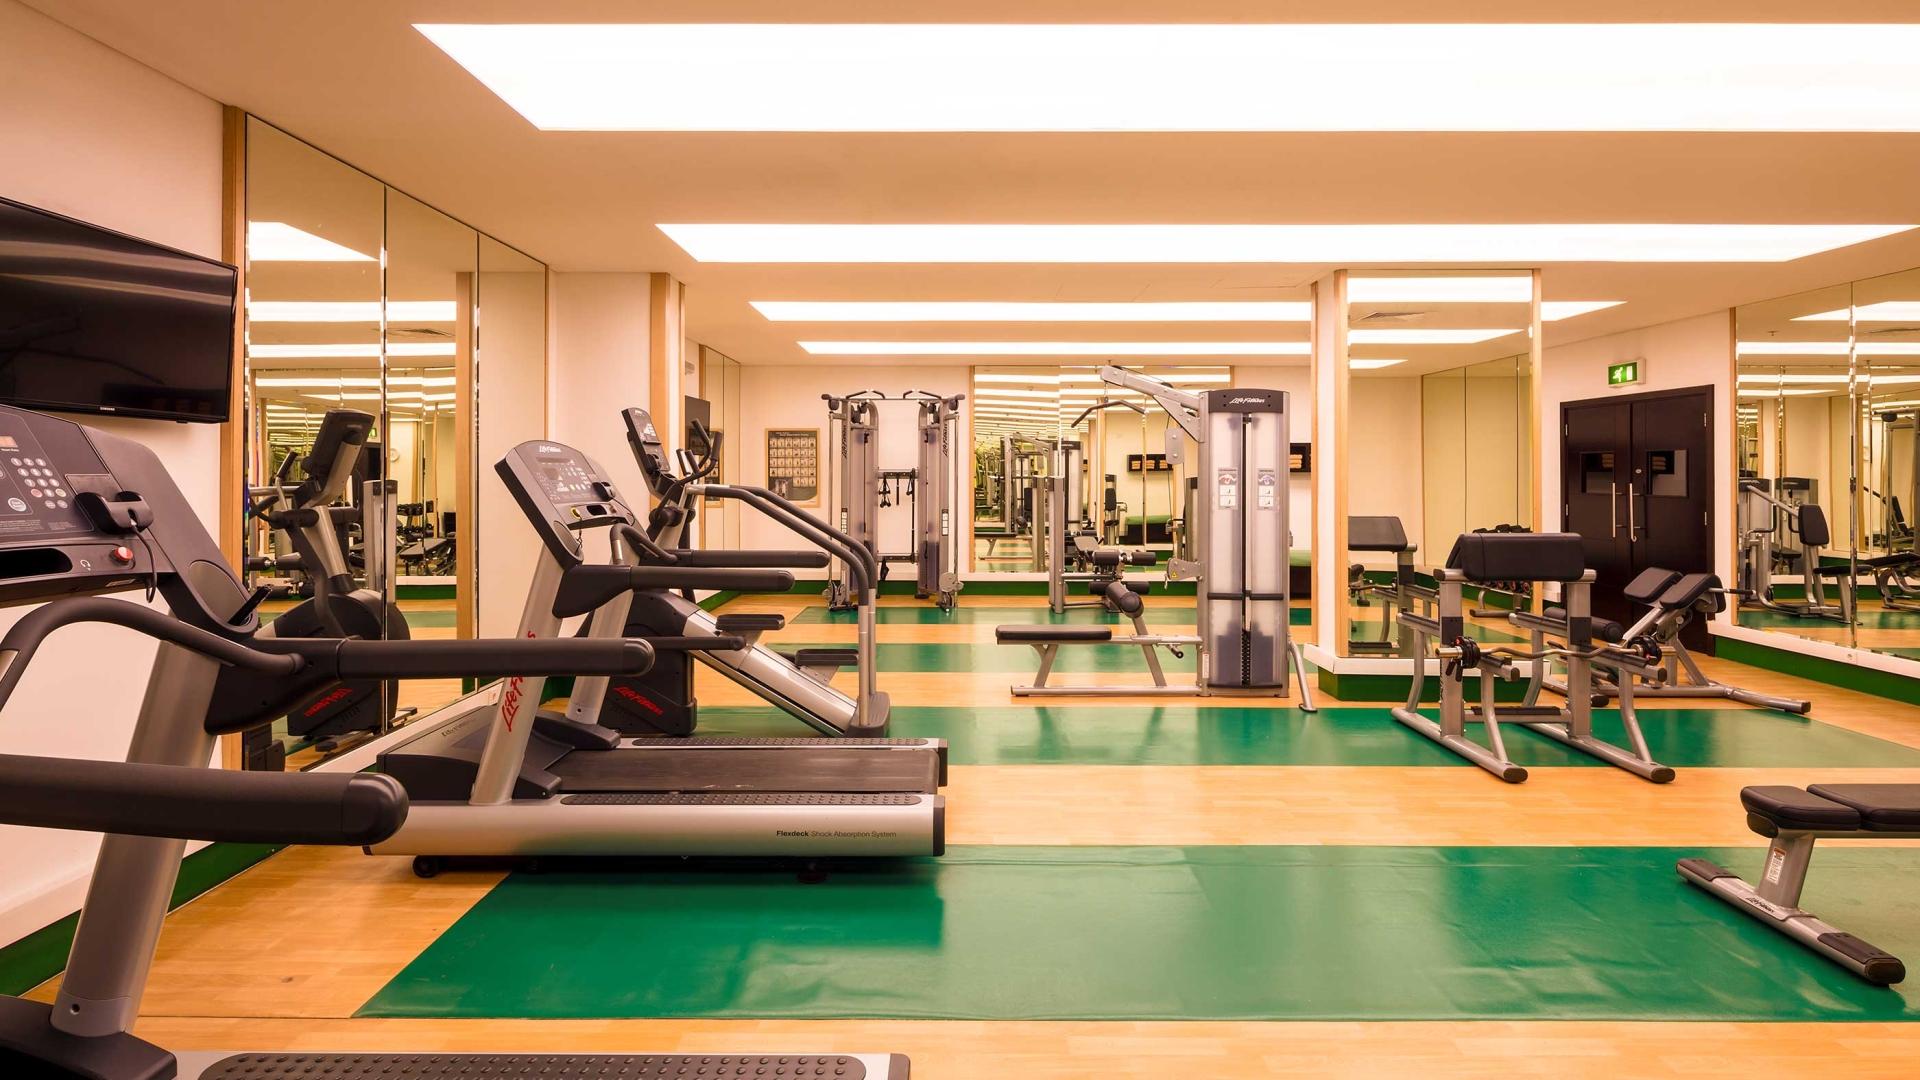 النادي الرياضي في فندق كورب عمان